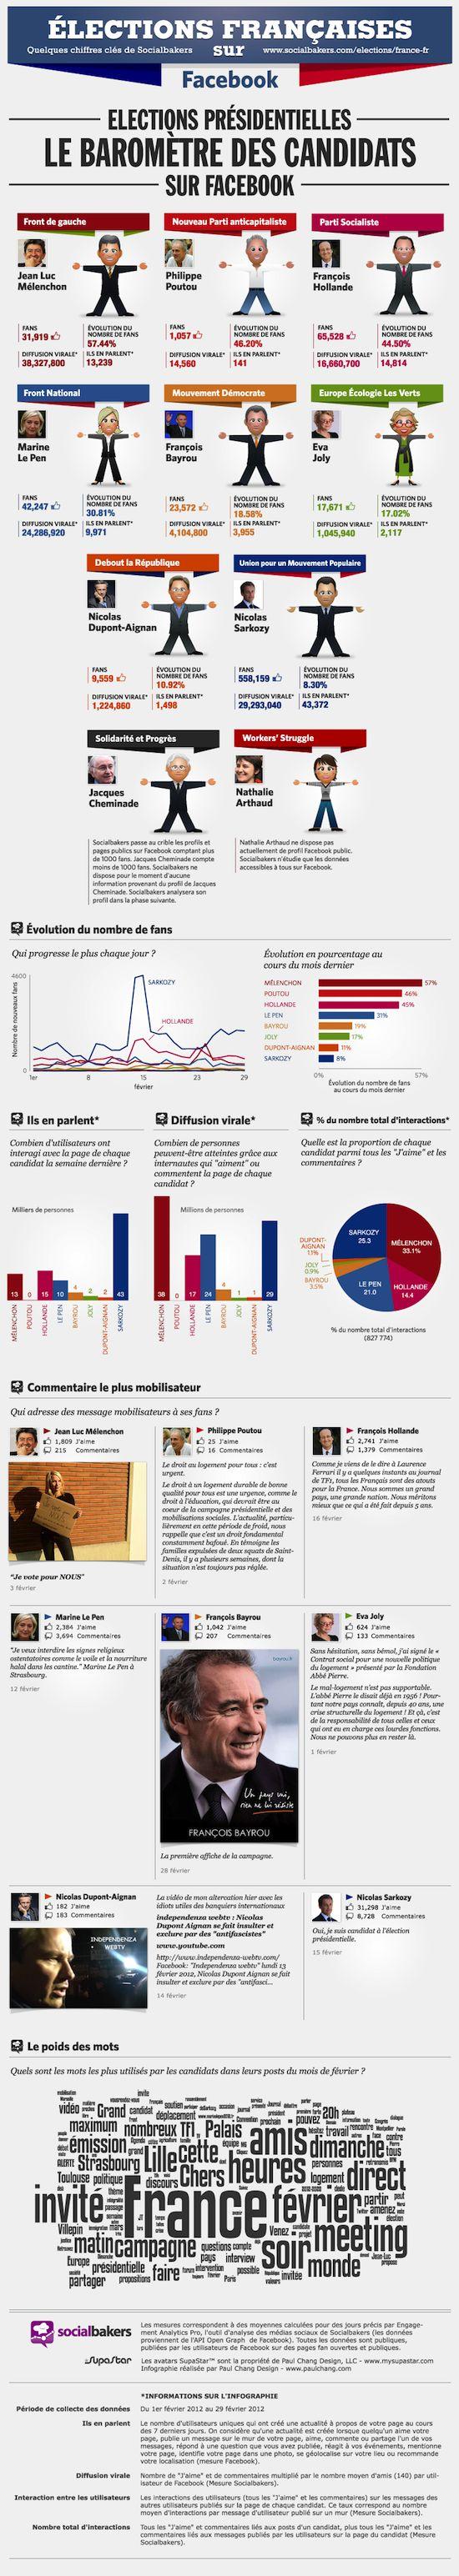 [Infographie] Elections françaises, Baromètre des candidats sur Facebook